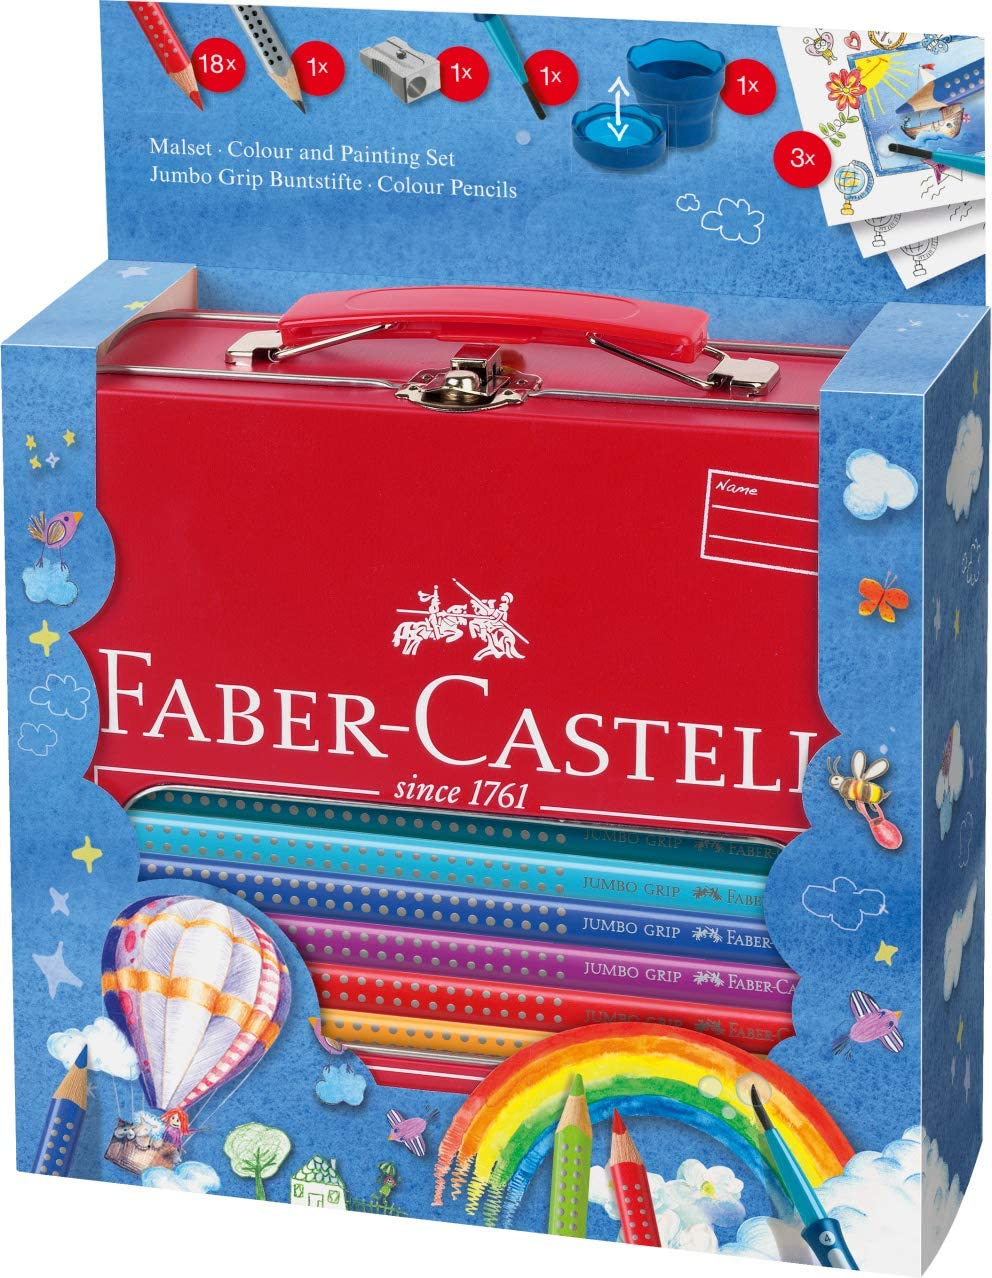 Faber-Castell 201312 - Maletín escolar de metal con 18 ecolápices de colores jumbo Grip, 1 ecolápiz triangular de grafito jumbo Grip, 1 pincel Clic&Go, 1 vaso de agua Clic&Go y 1 afilalápices